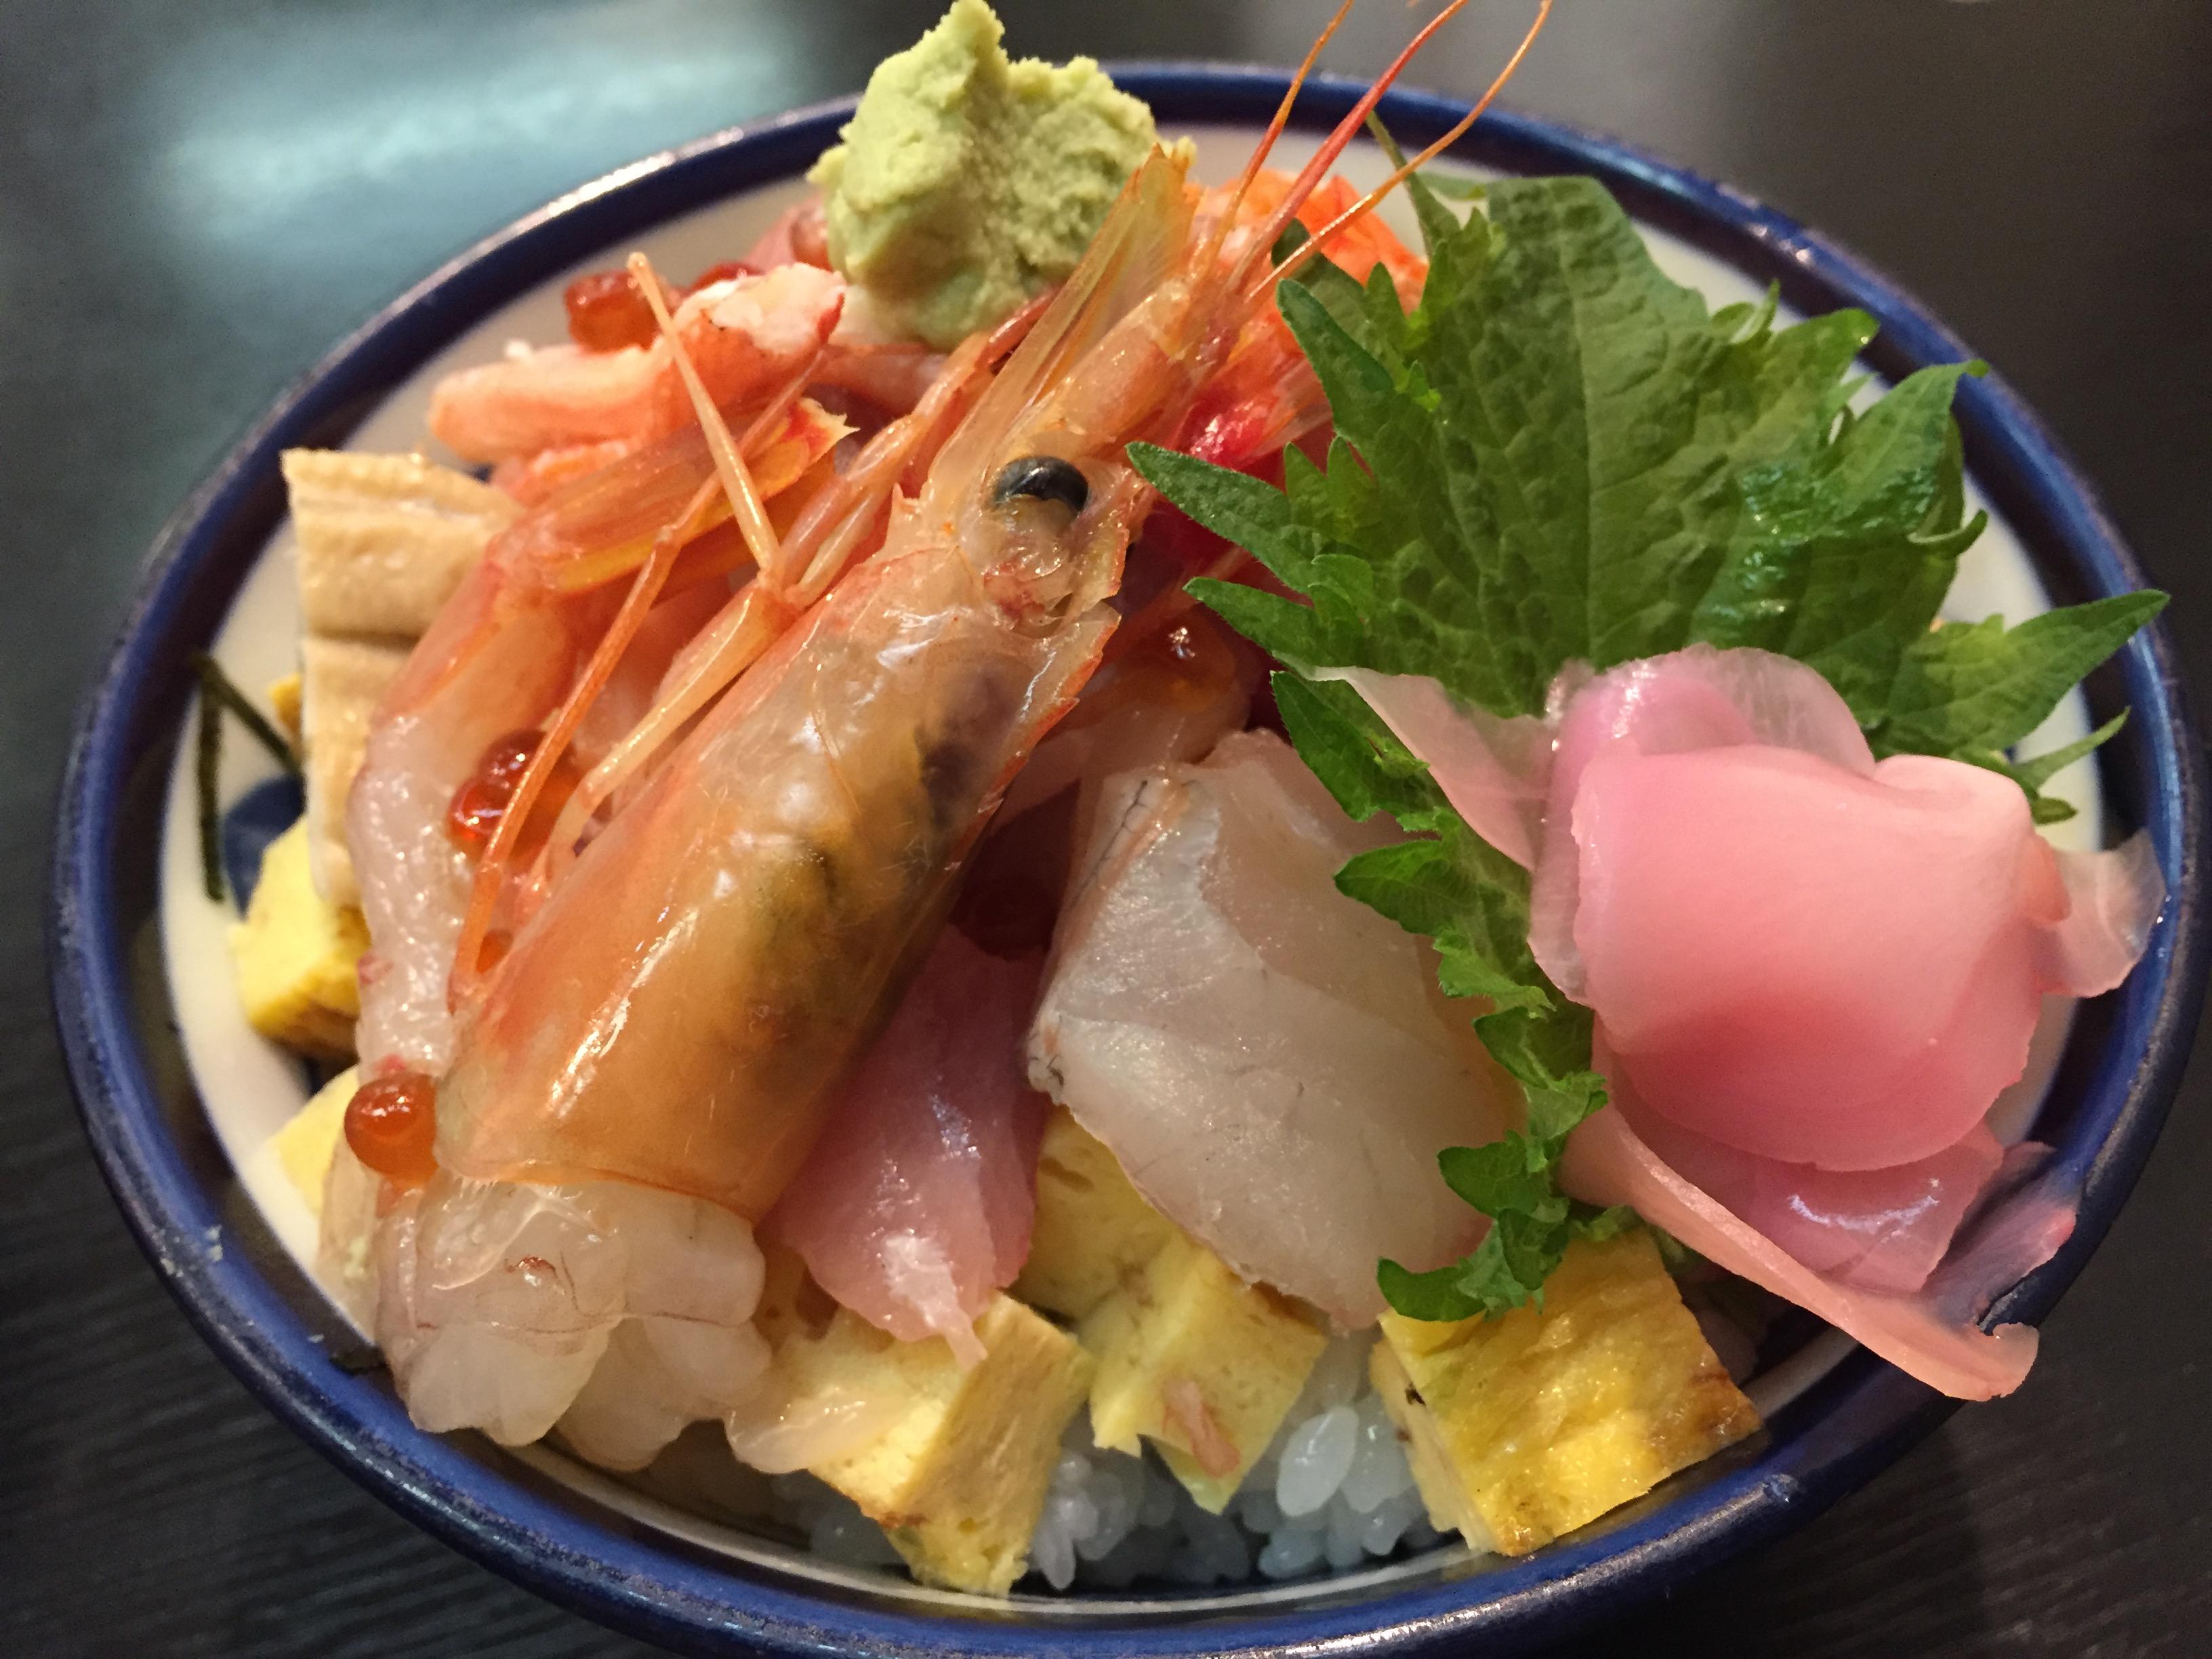 名古屋中村区 仙石すしのランチは絶品!海鮮丼などがお値打ちに食べられる。